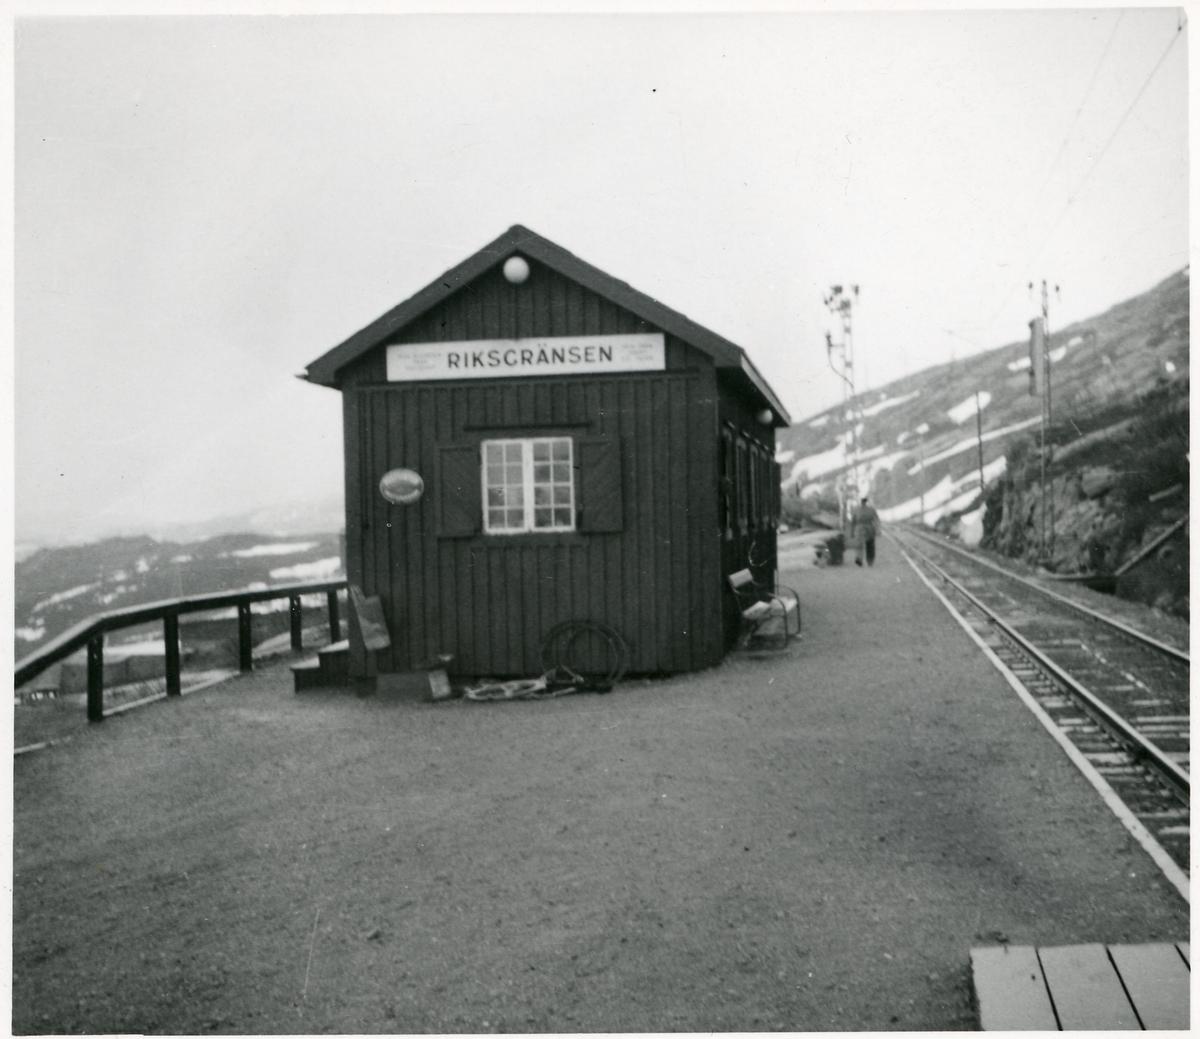 Riksgränsen, stationshus.